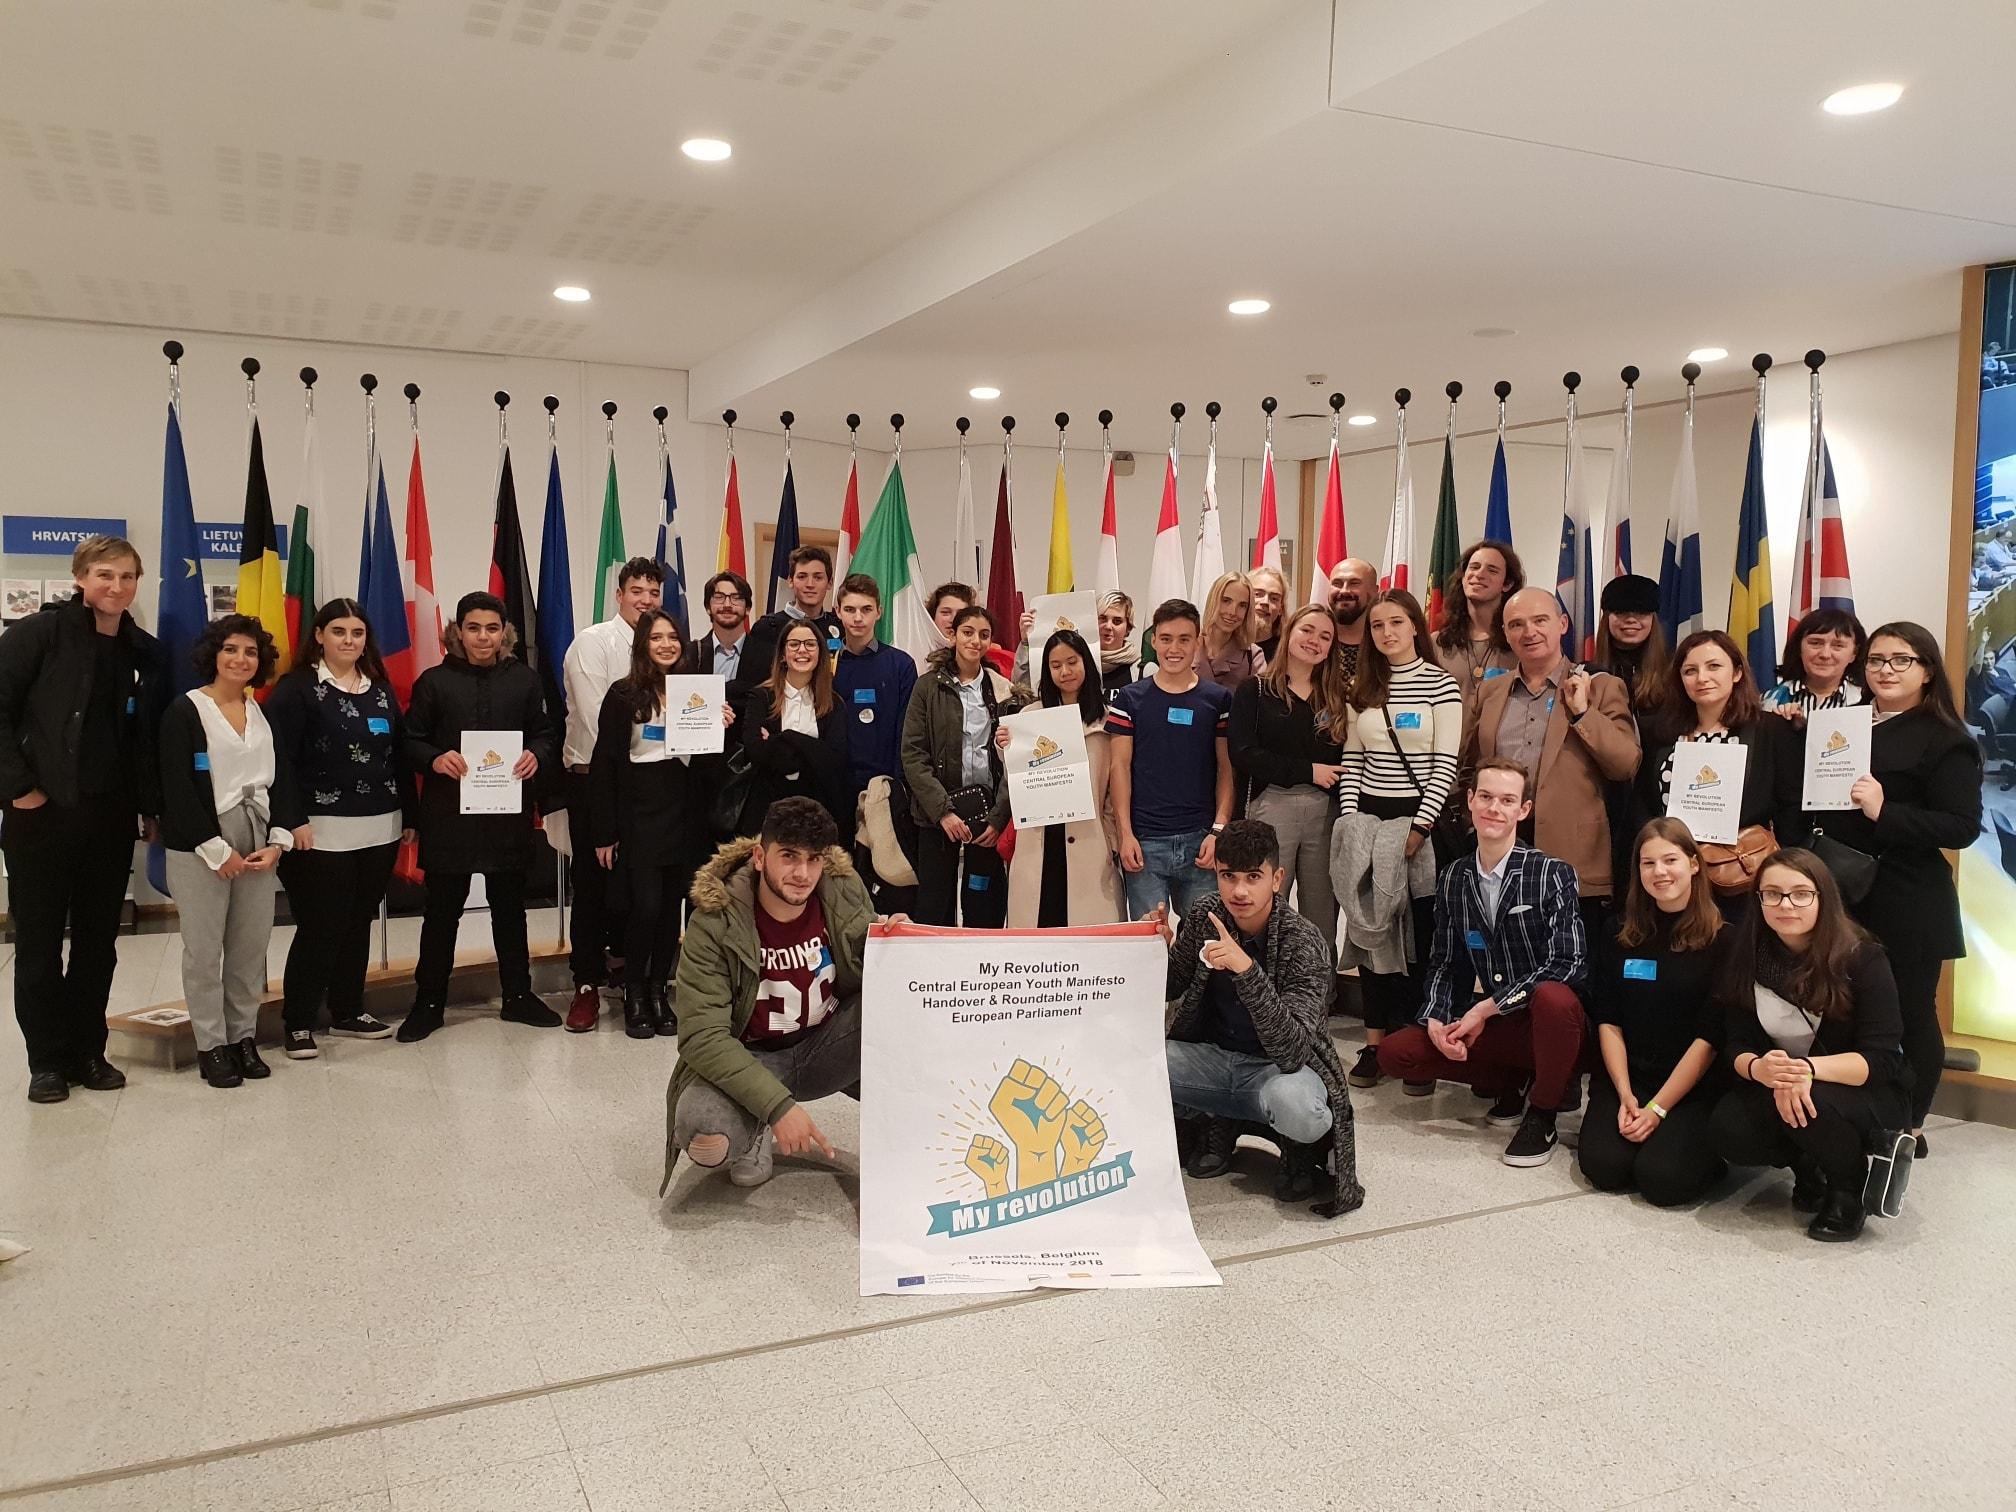 Mladi v Evropskem parlamentu predali manifest #MyRevolution